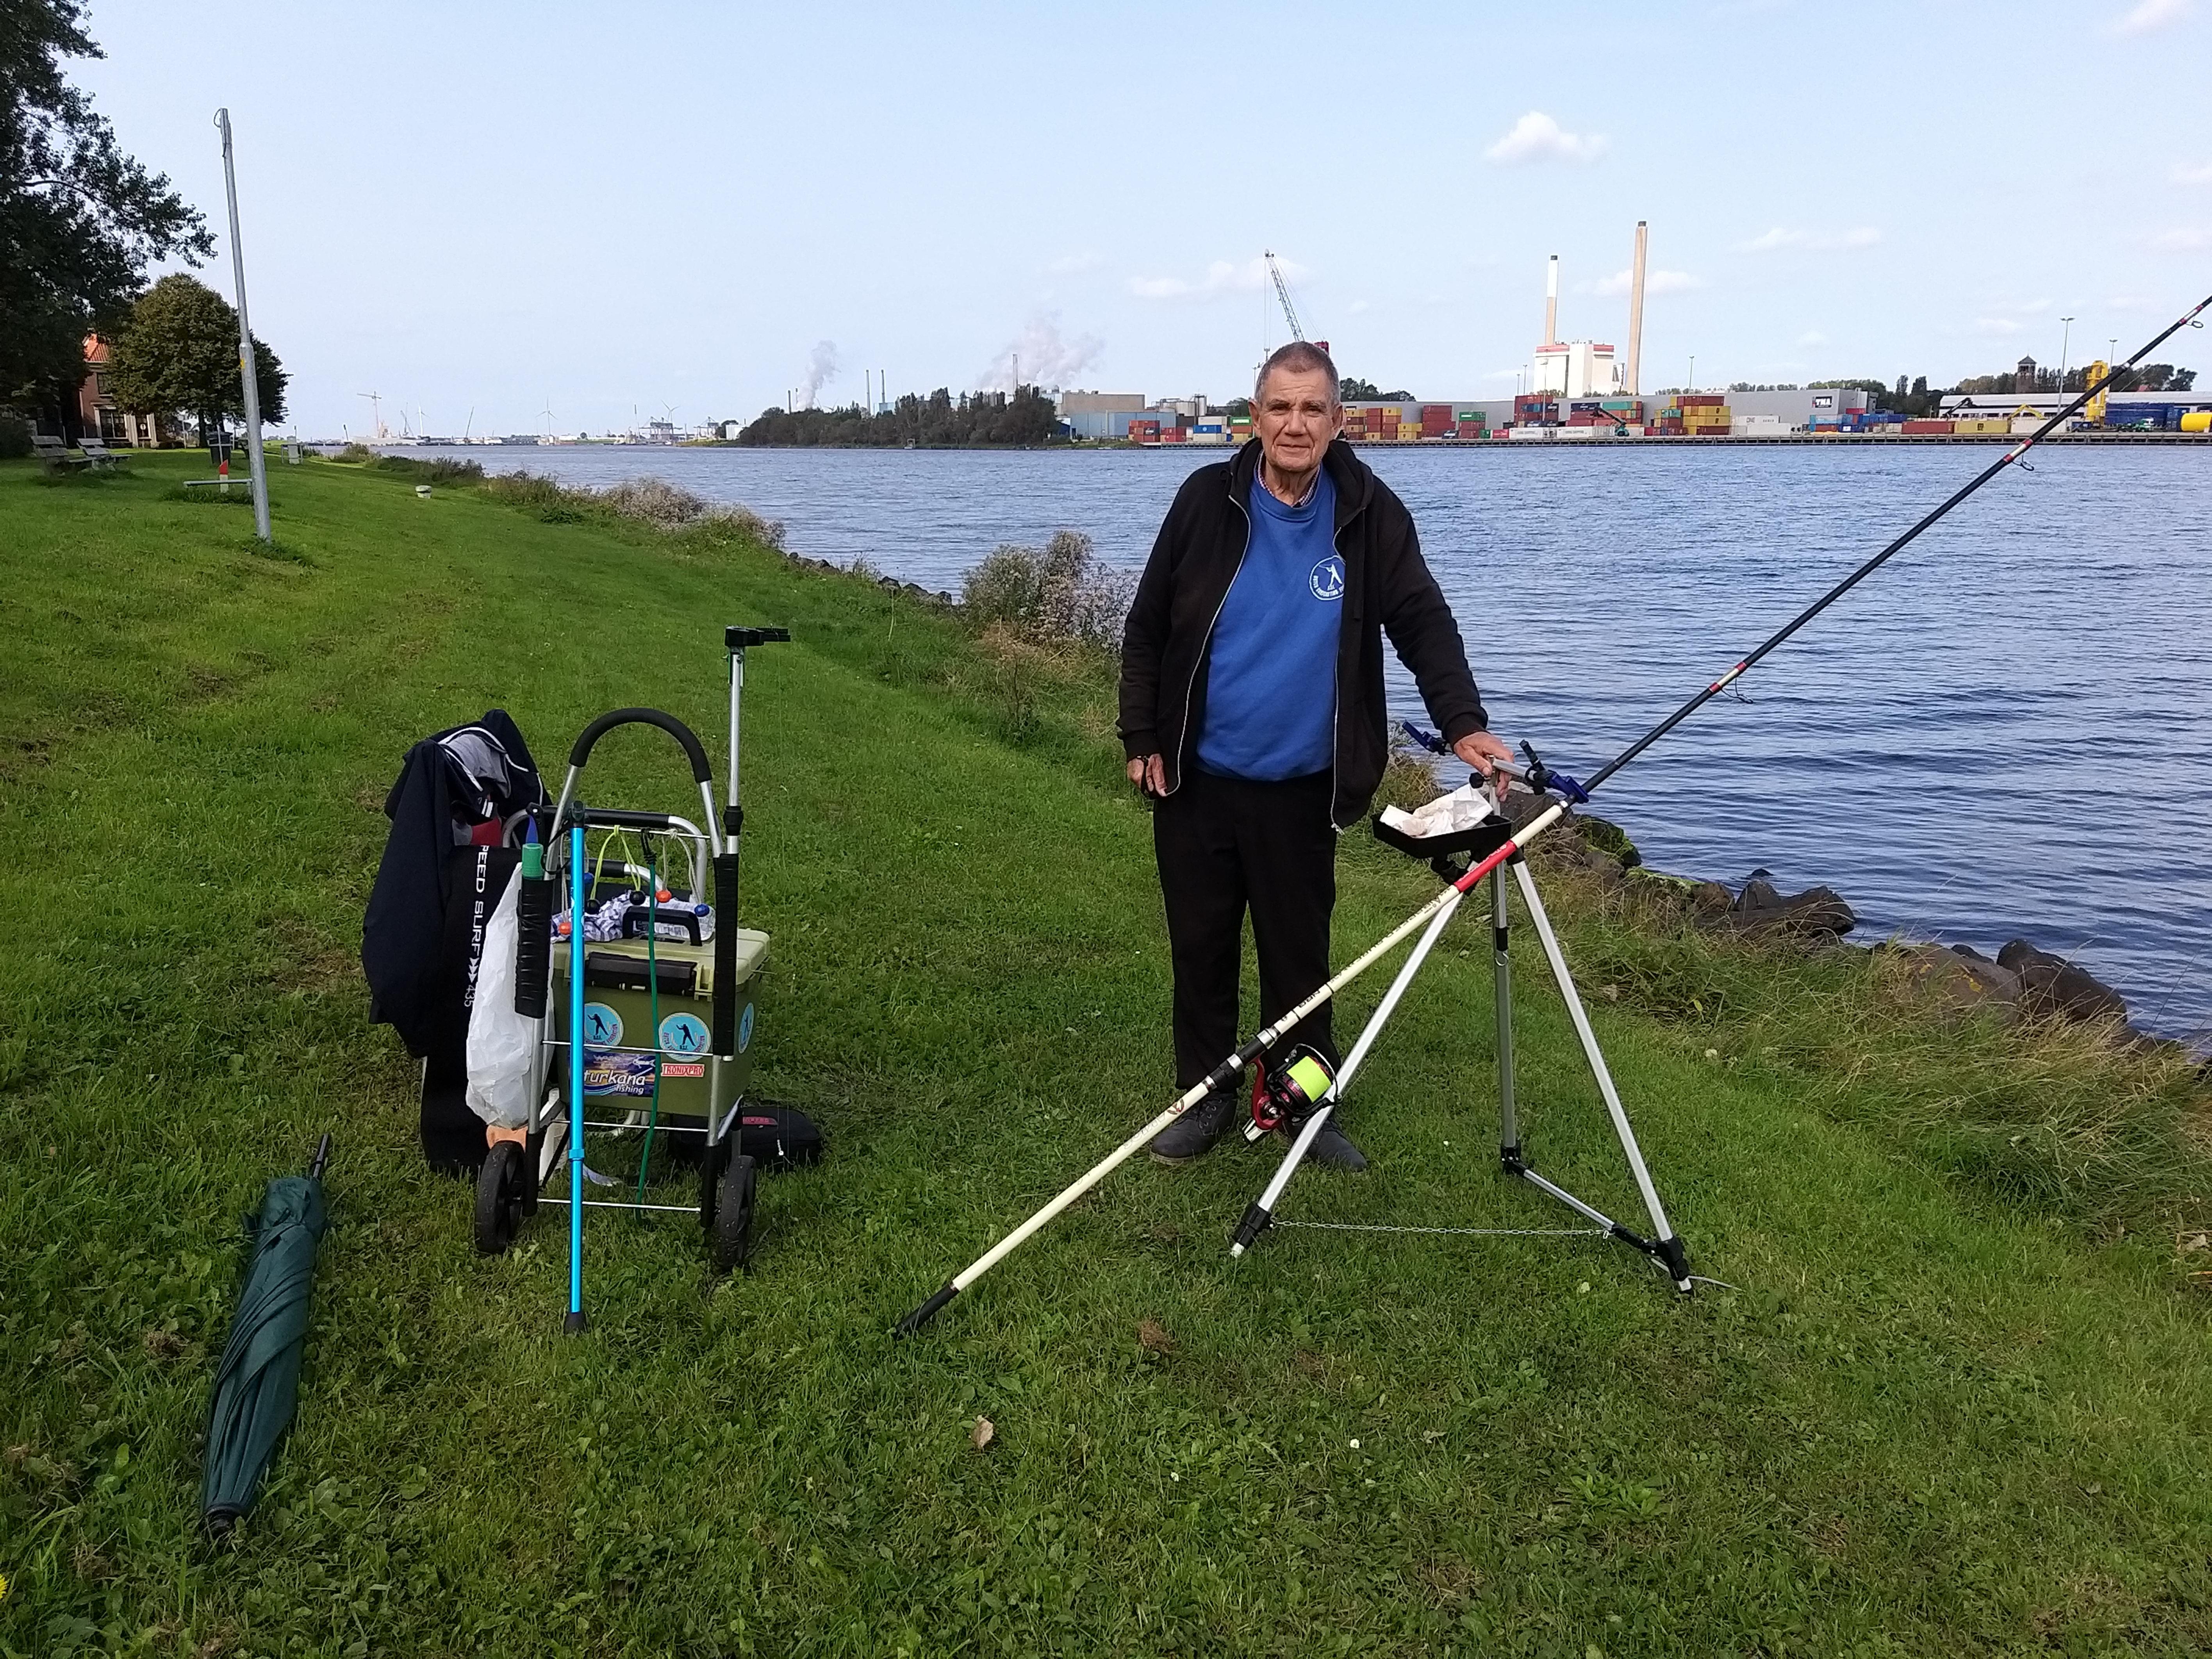 Massale vissterfte in Noordzeekanaal: 'Normaal vang ik wel iets na een uurtje - nu helemaal niks'